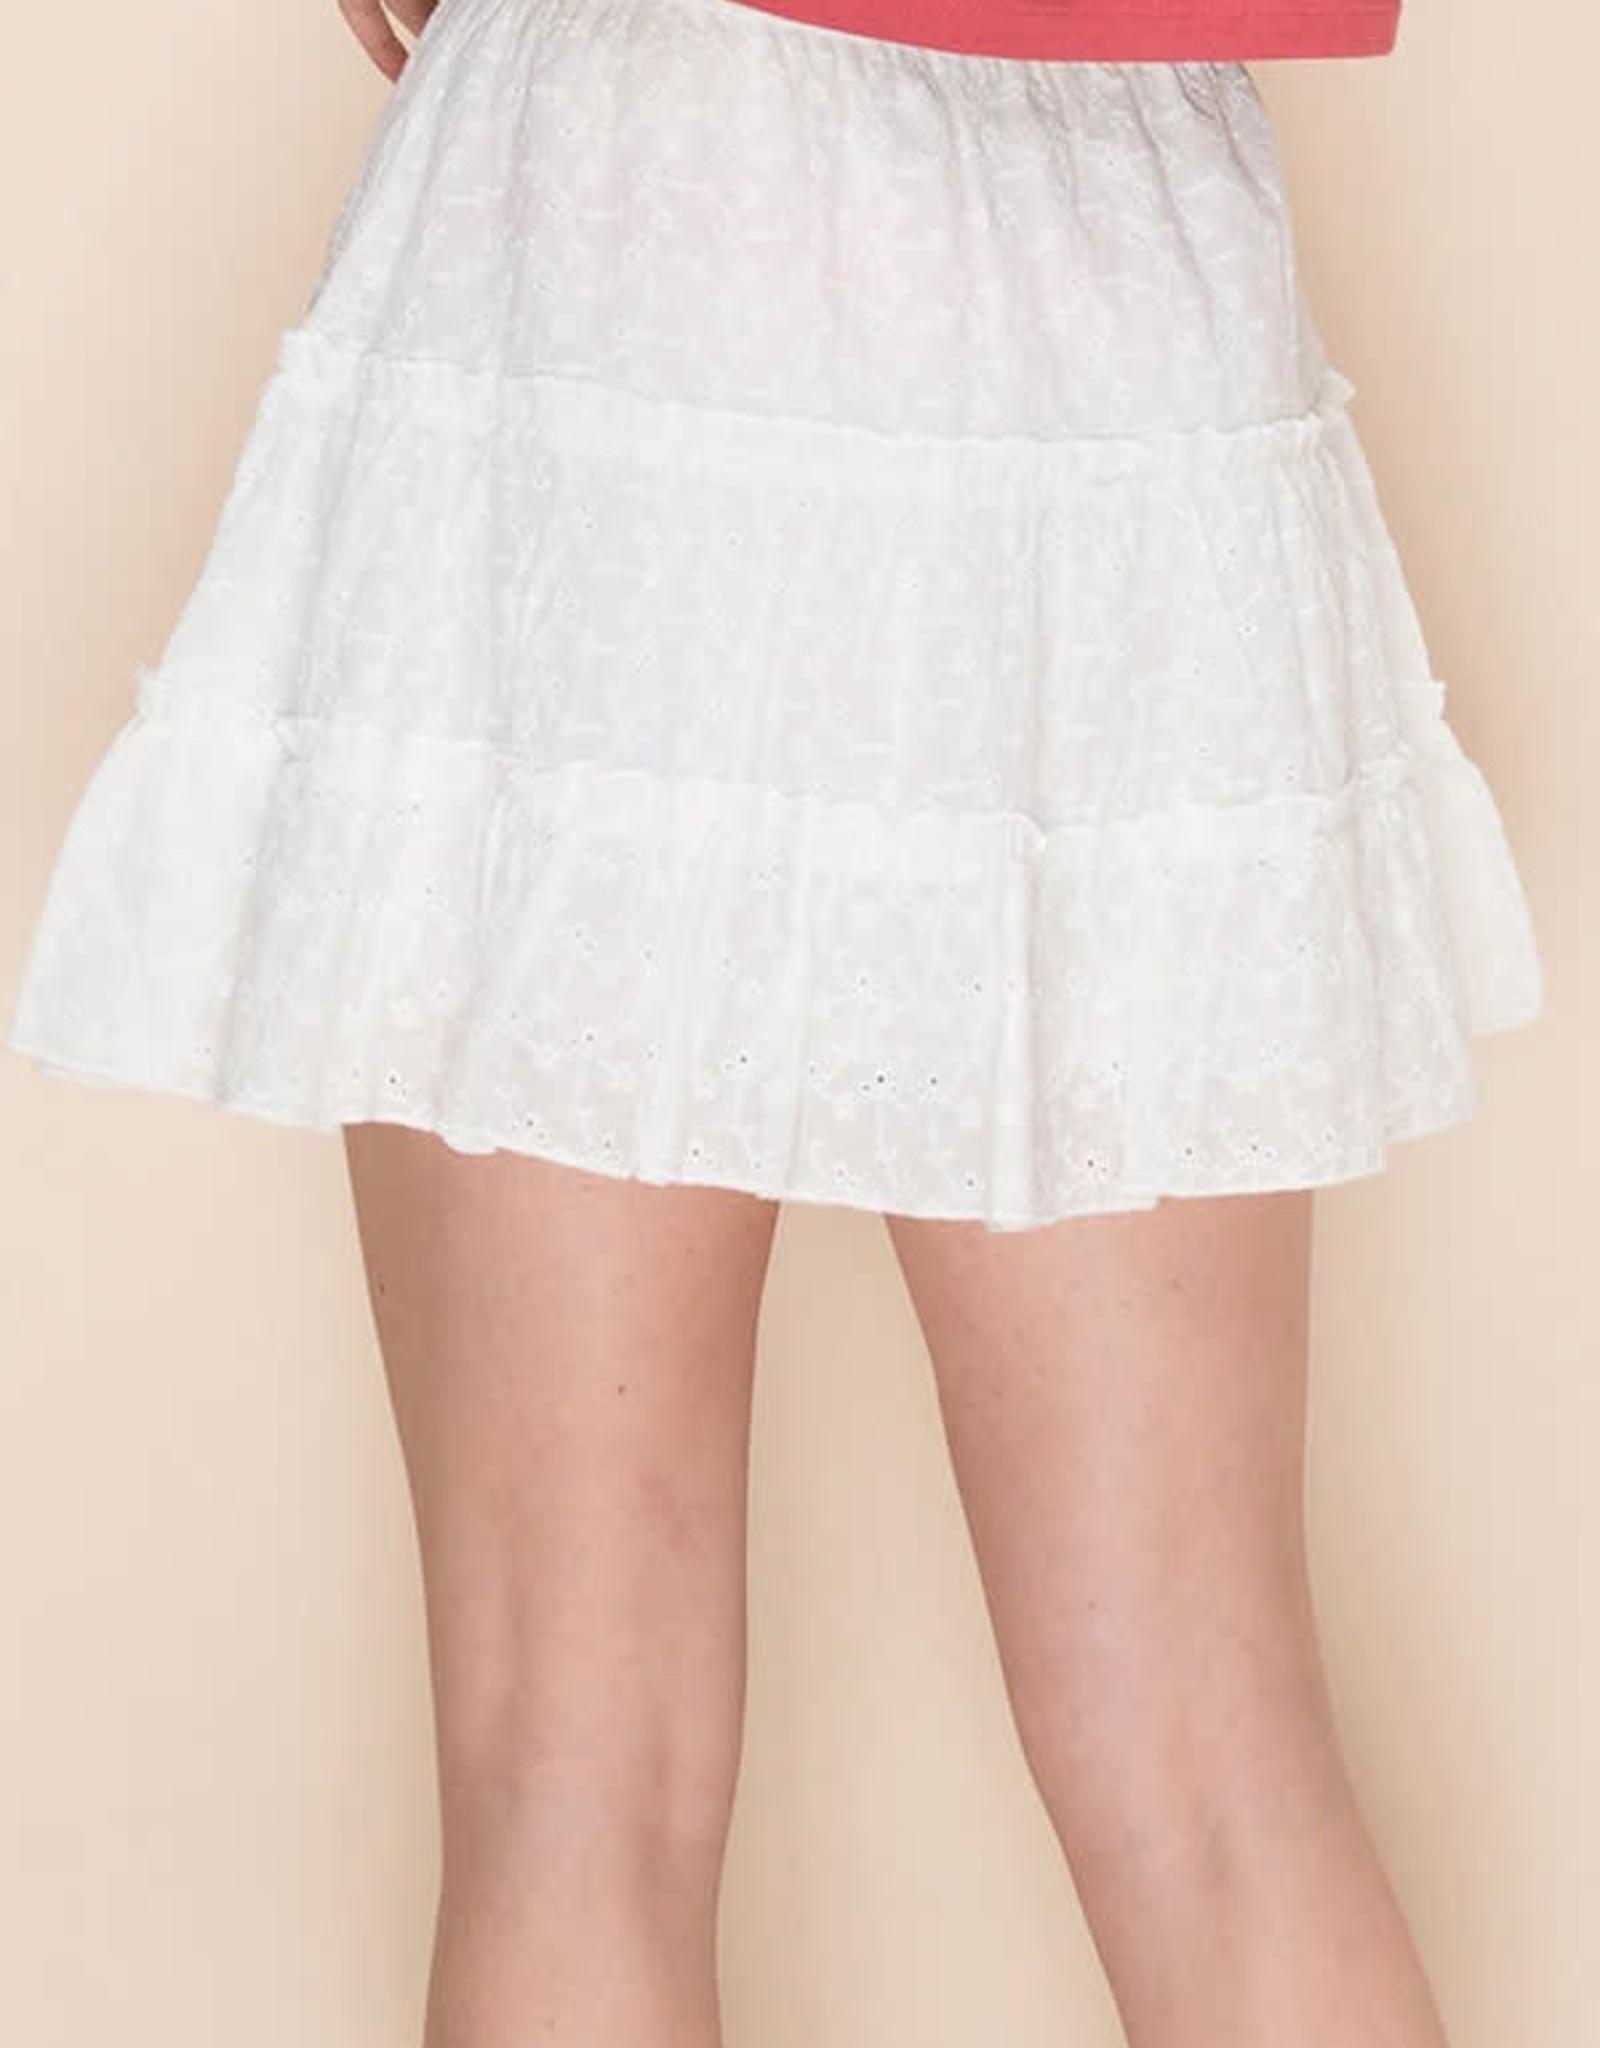 Favlux Midsummer Dreams Skirt